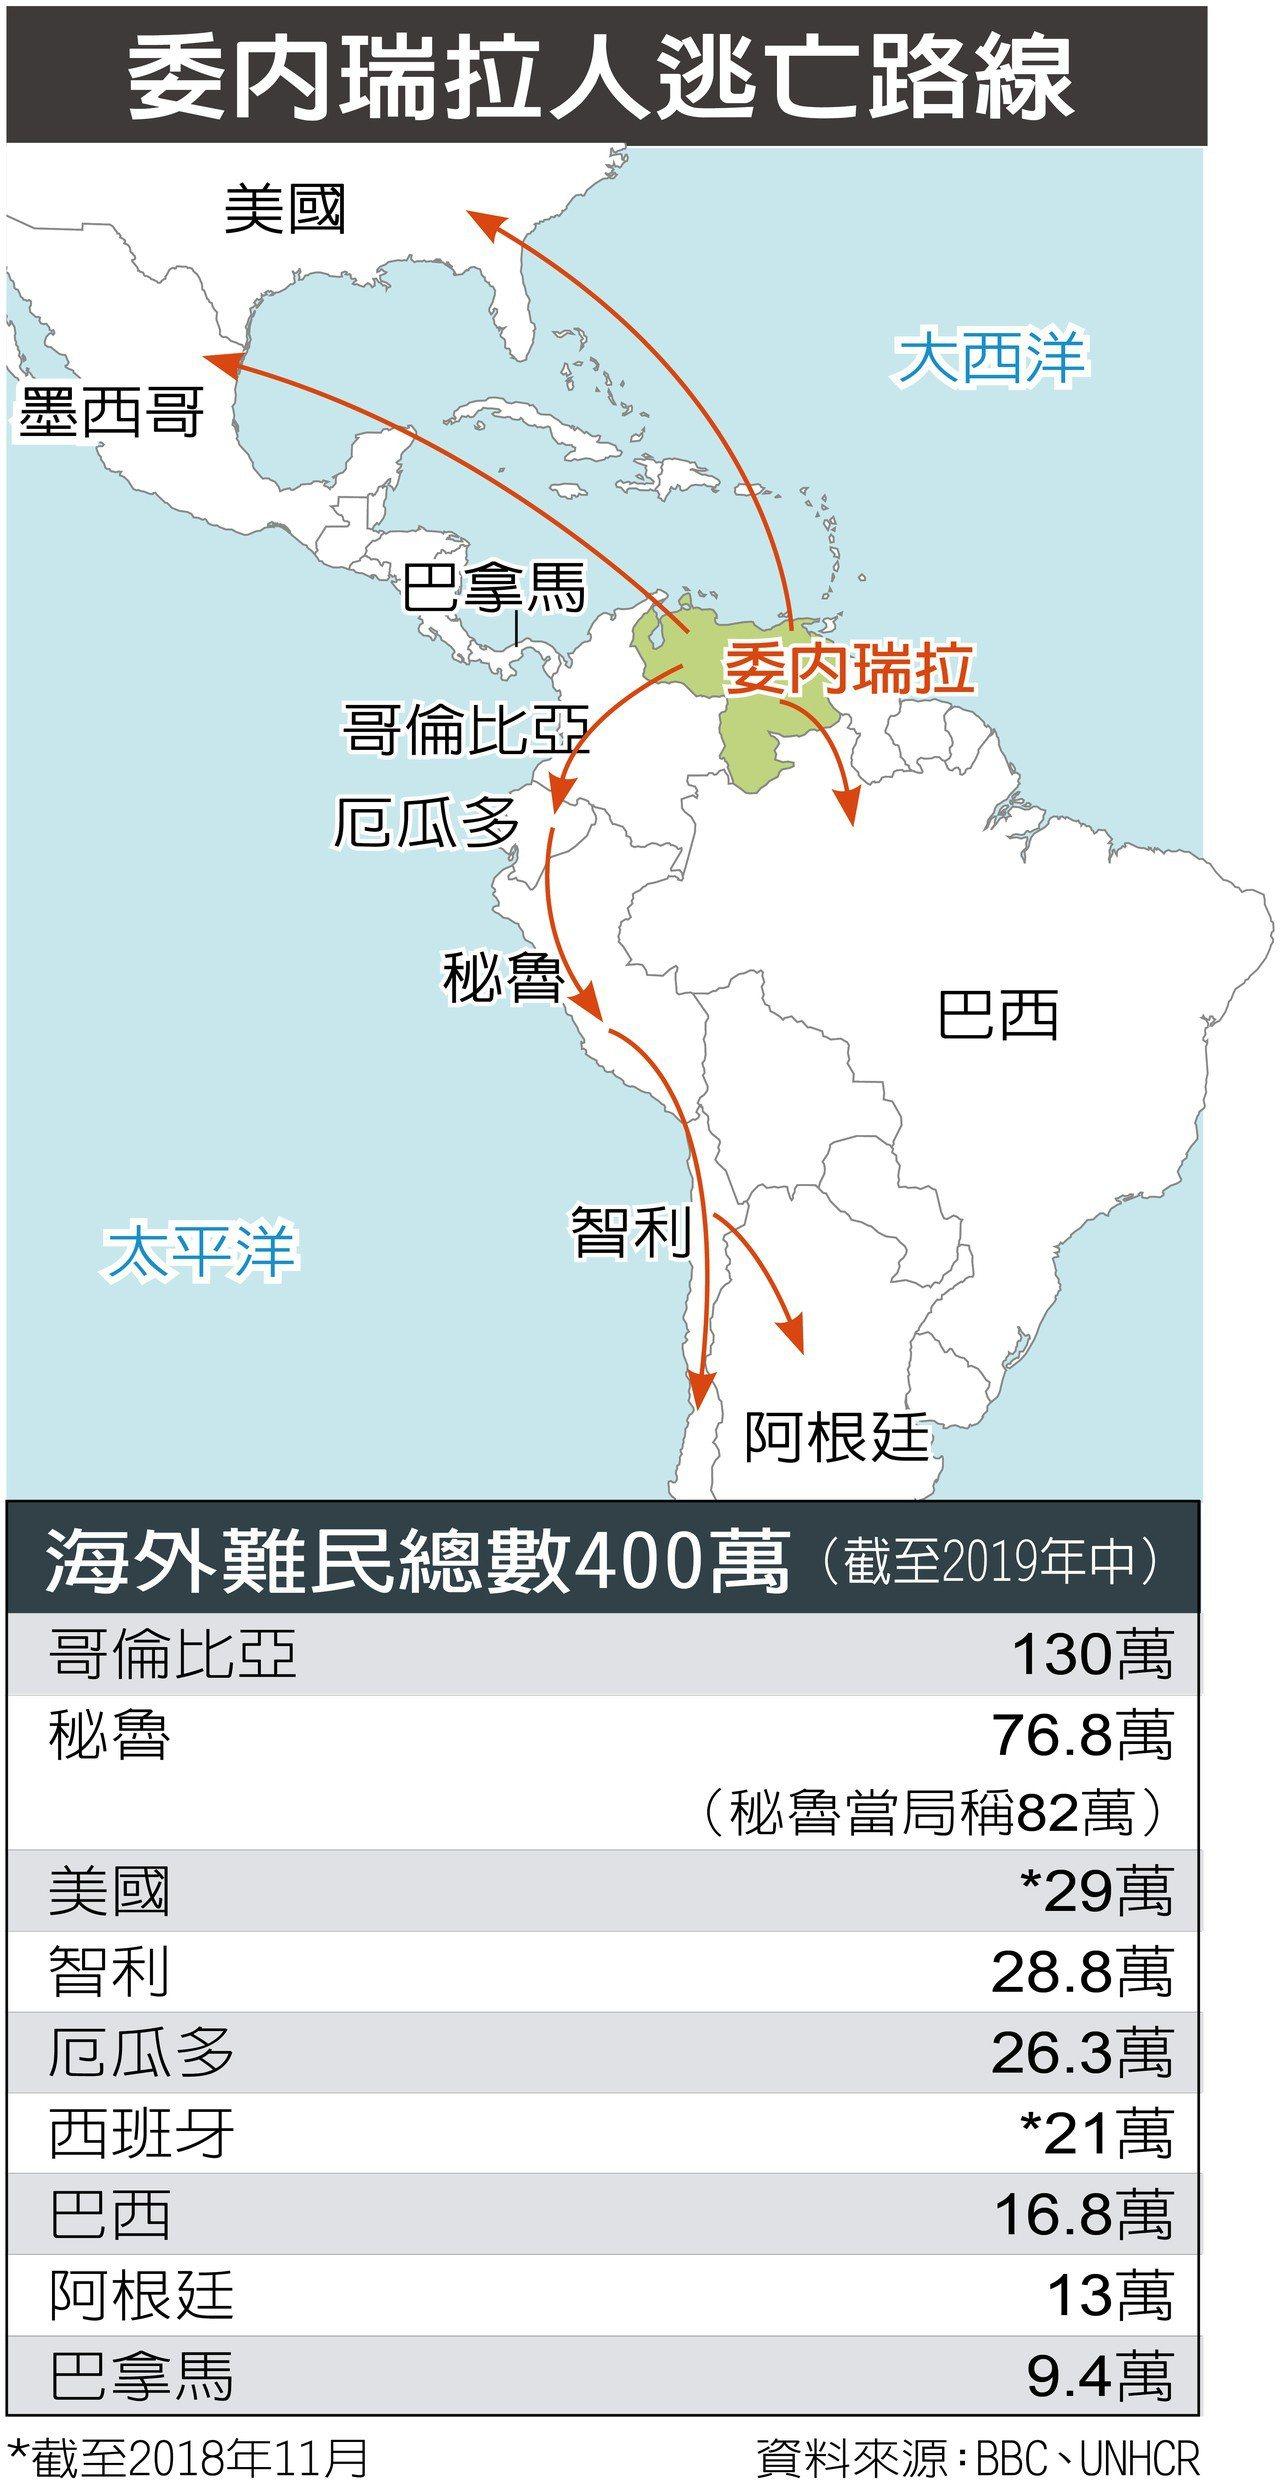 委國400萬人逃亡,秘魯接收第二多。 製圖/記者黃仲寧